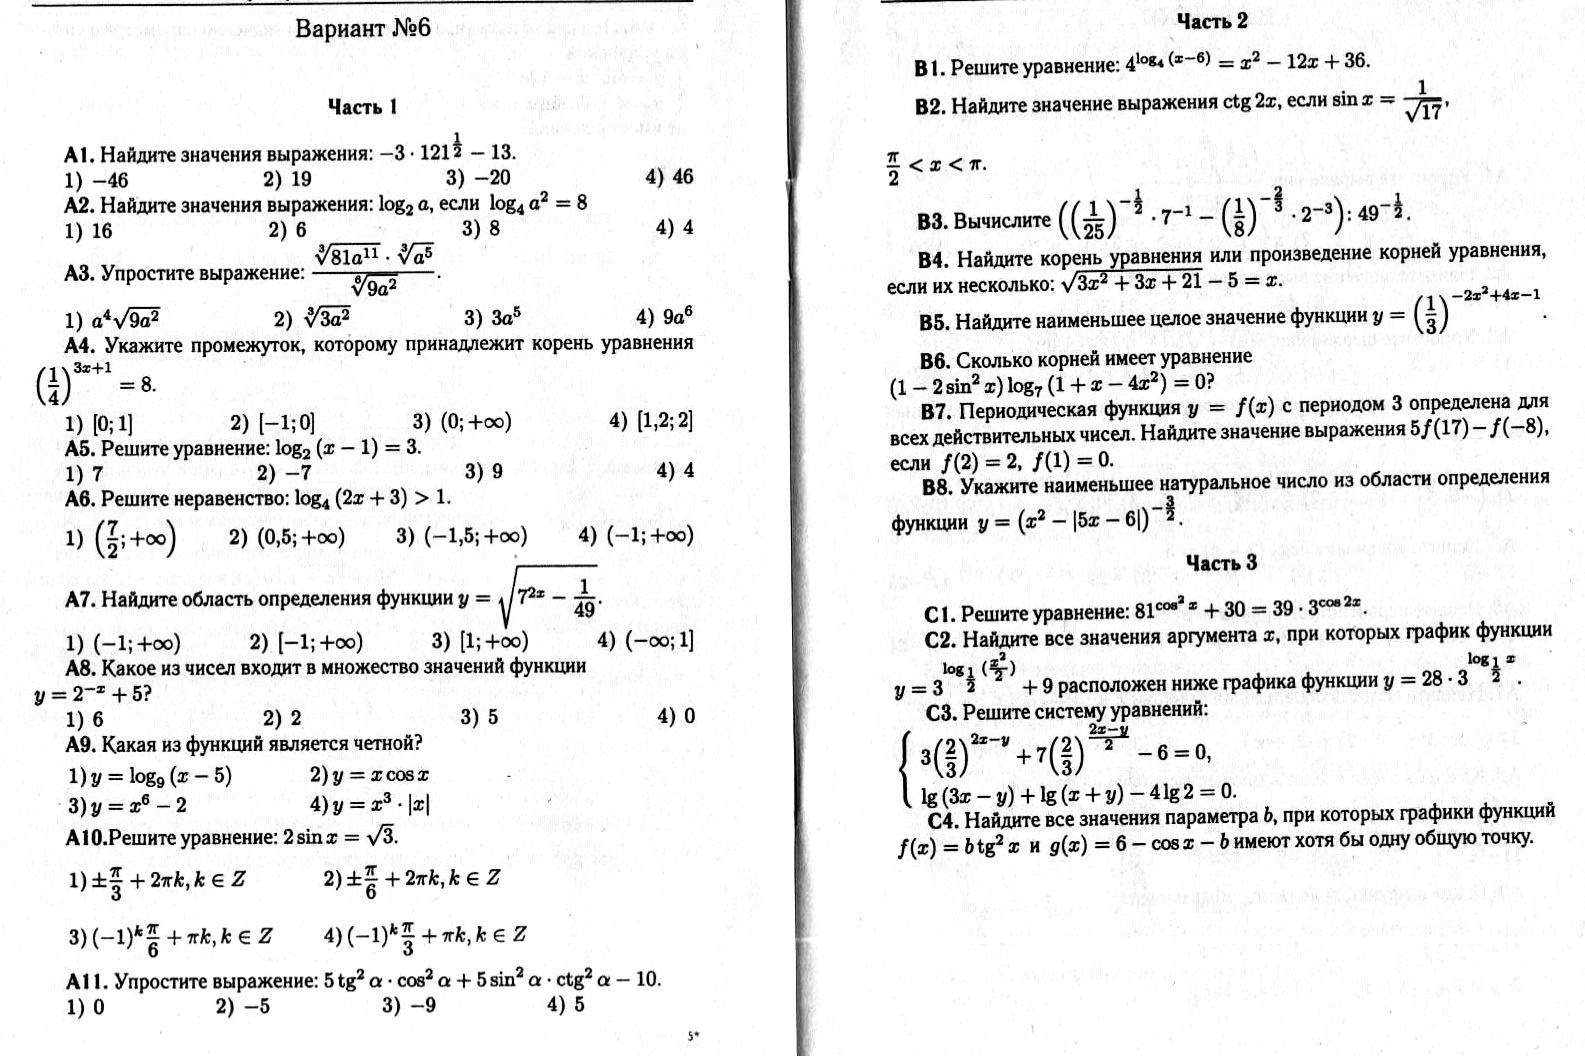 Контрольная по математике 2 класс 2 четверть по занков